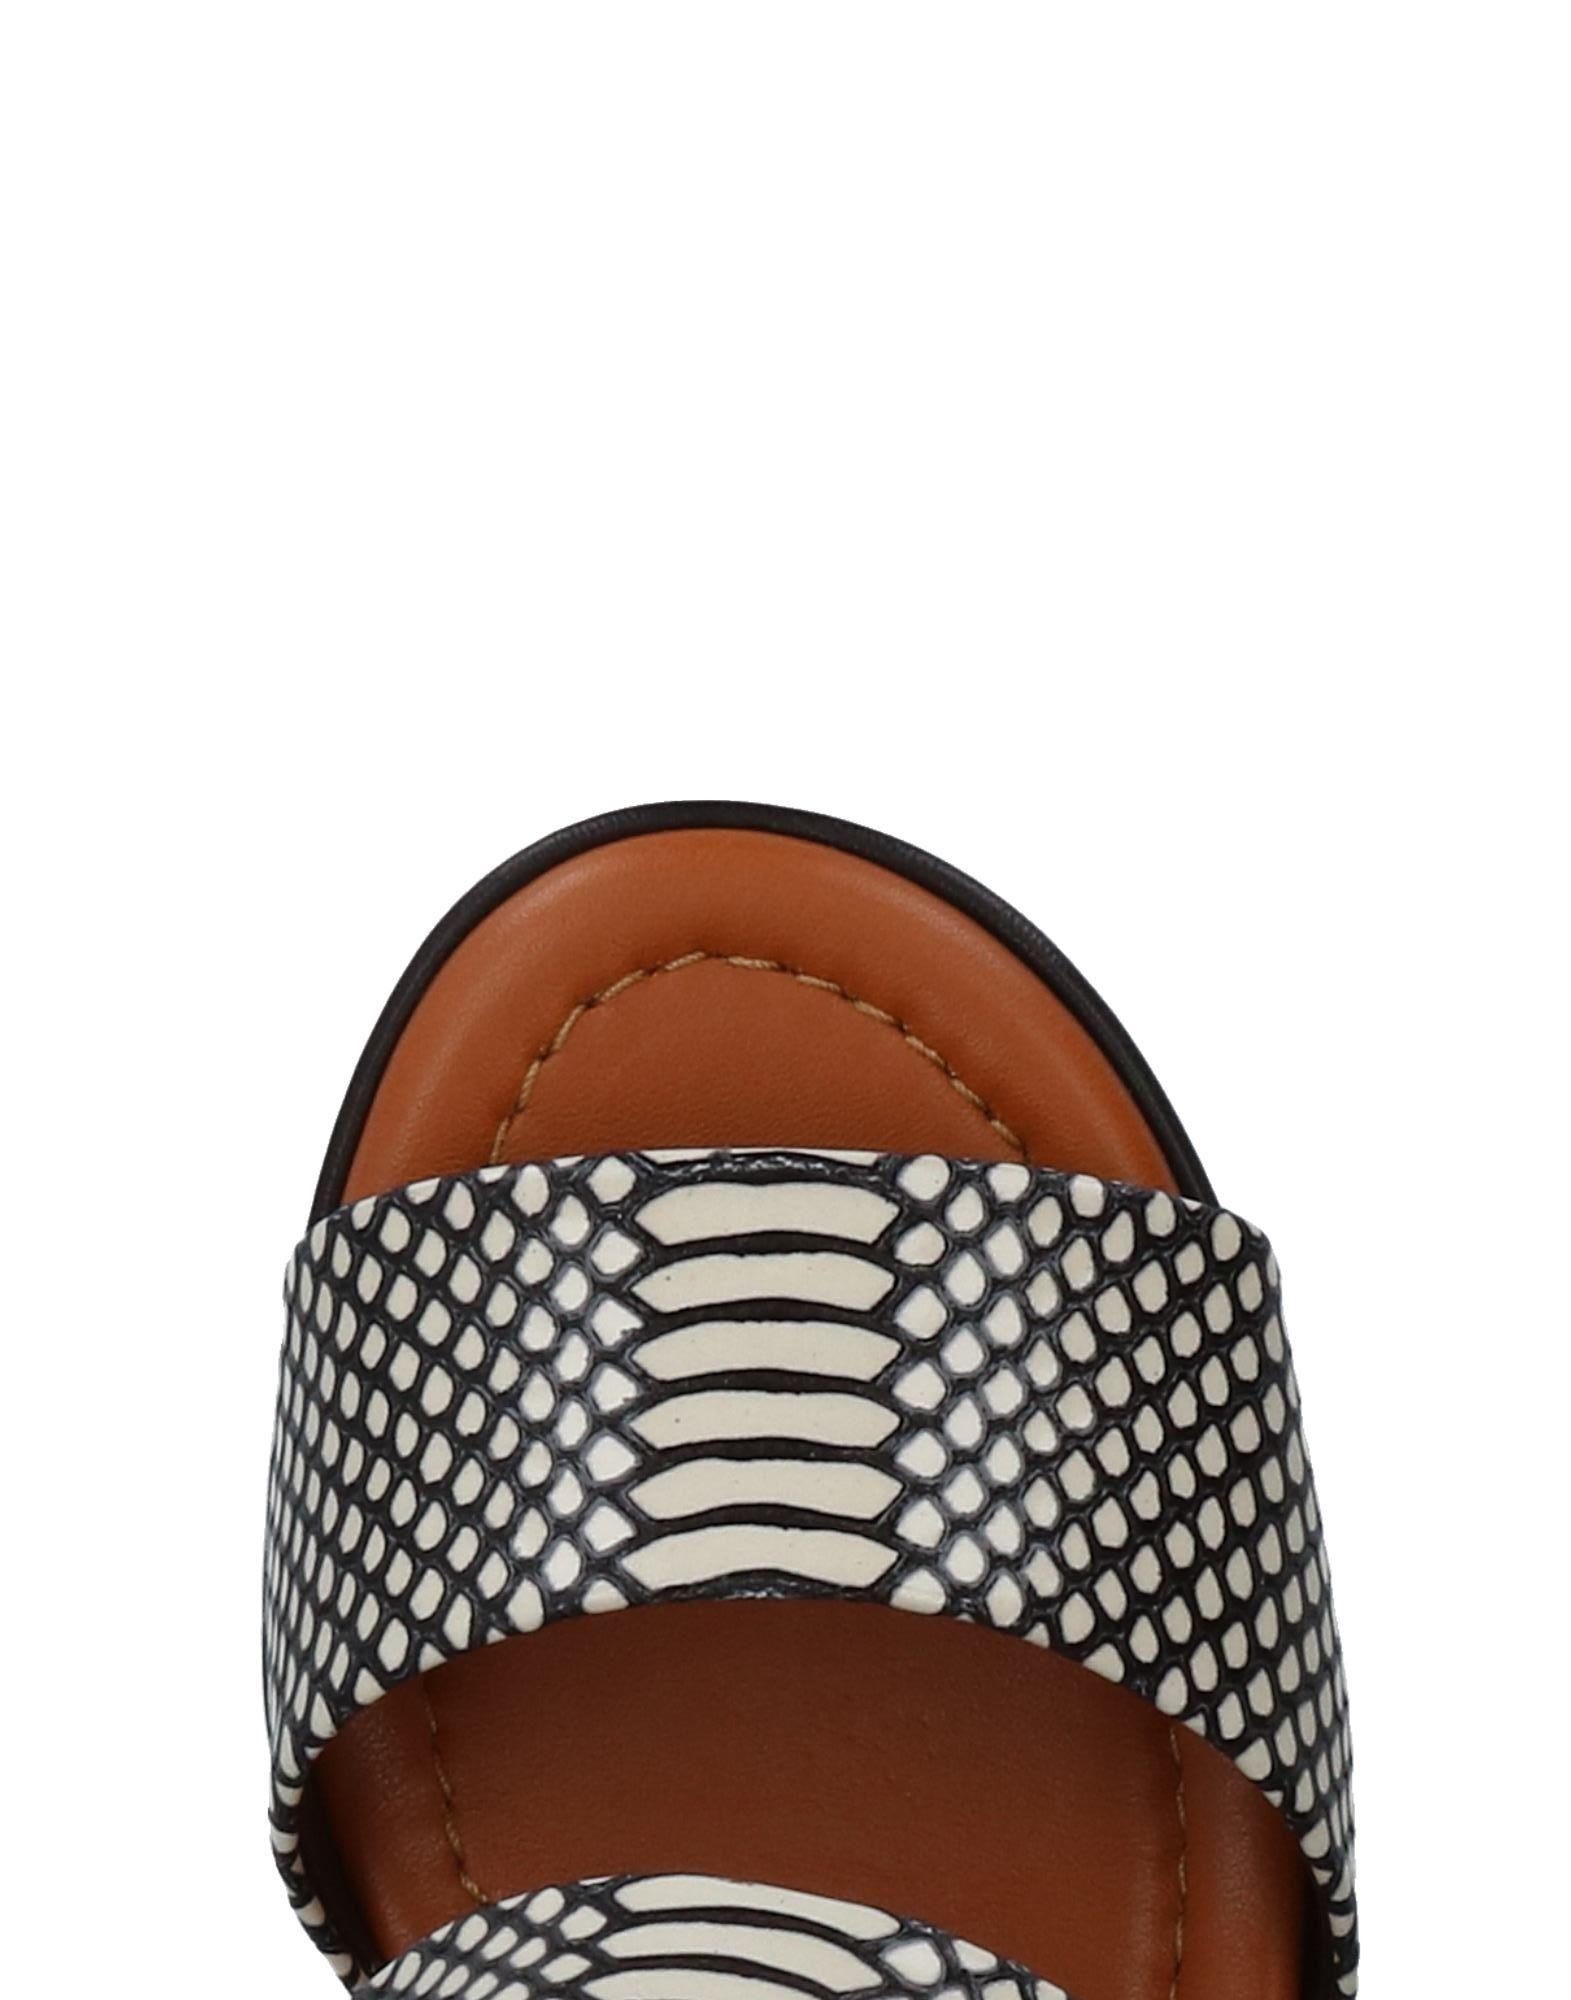 Stilvolle Sandalen billige Schuhe Robert Clergerie Sandalen Stilvolle Damen  11326746TR 401c94